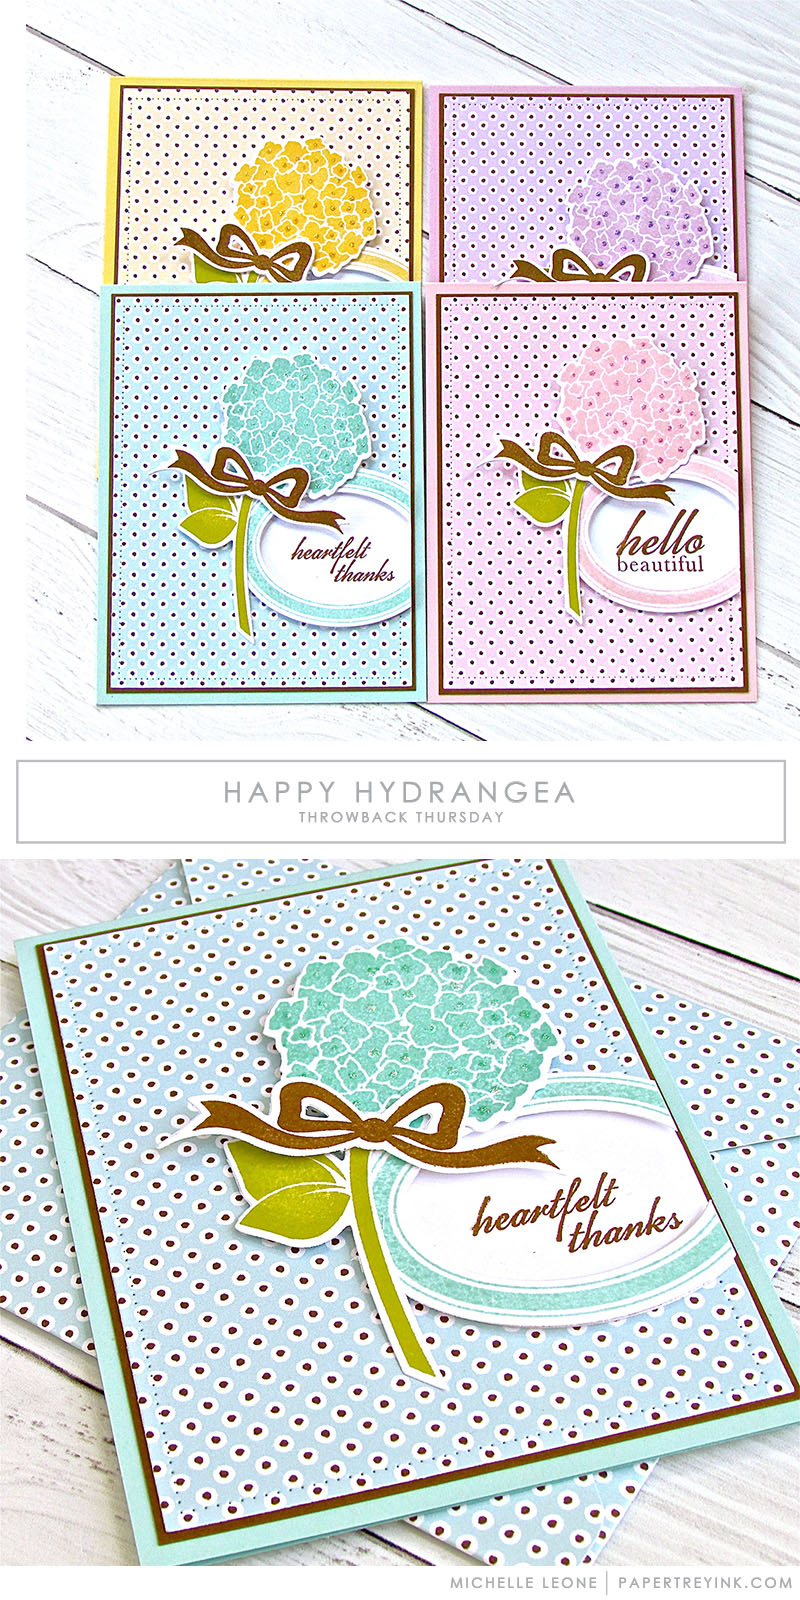 Throwback Thursday: Happy Hydrangea